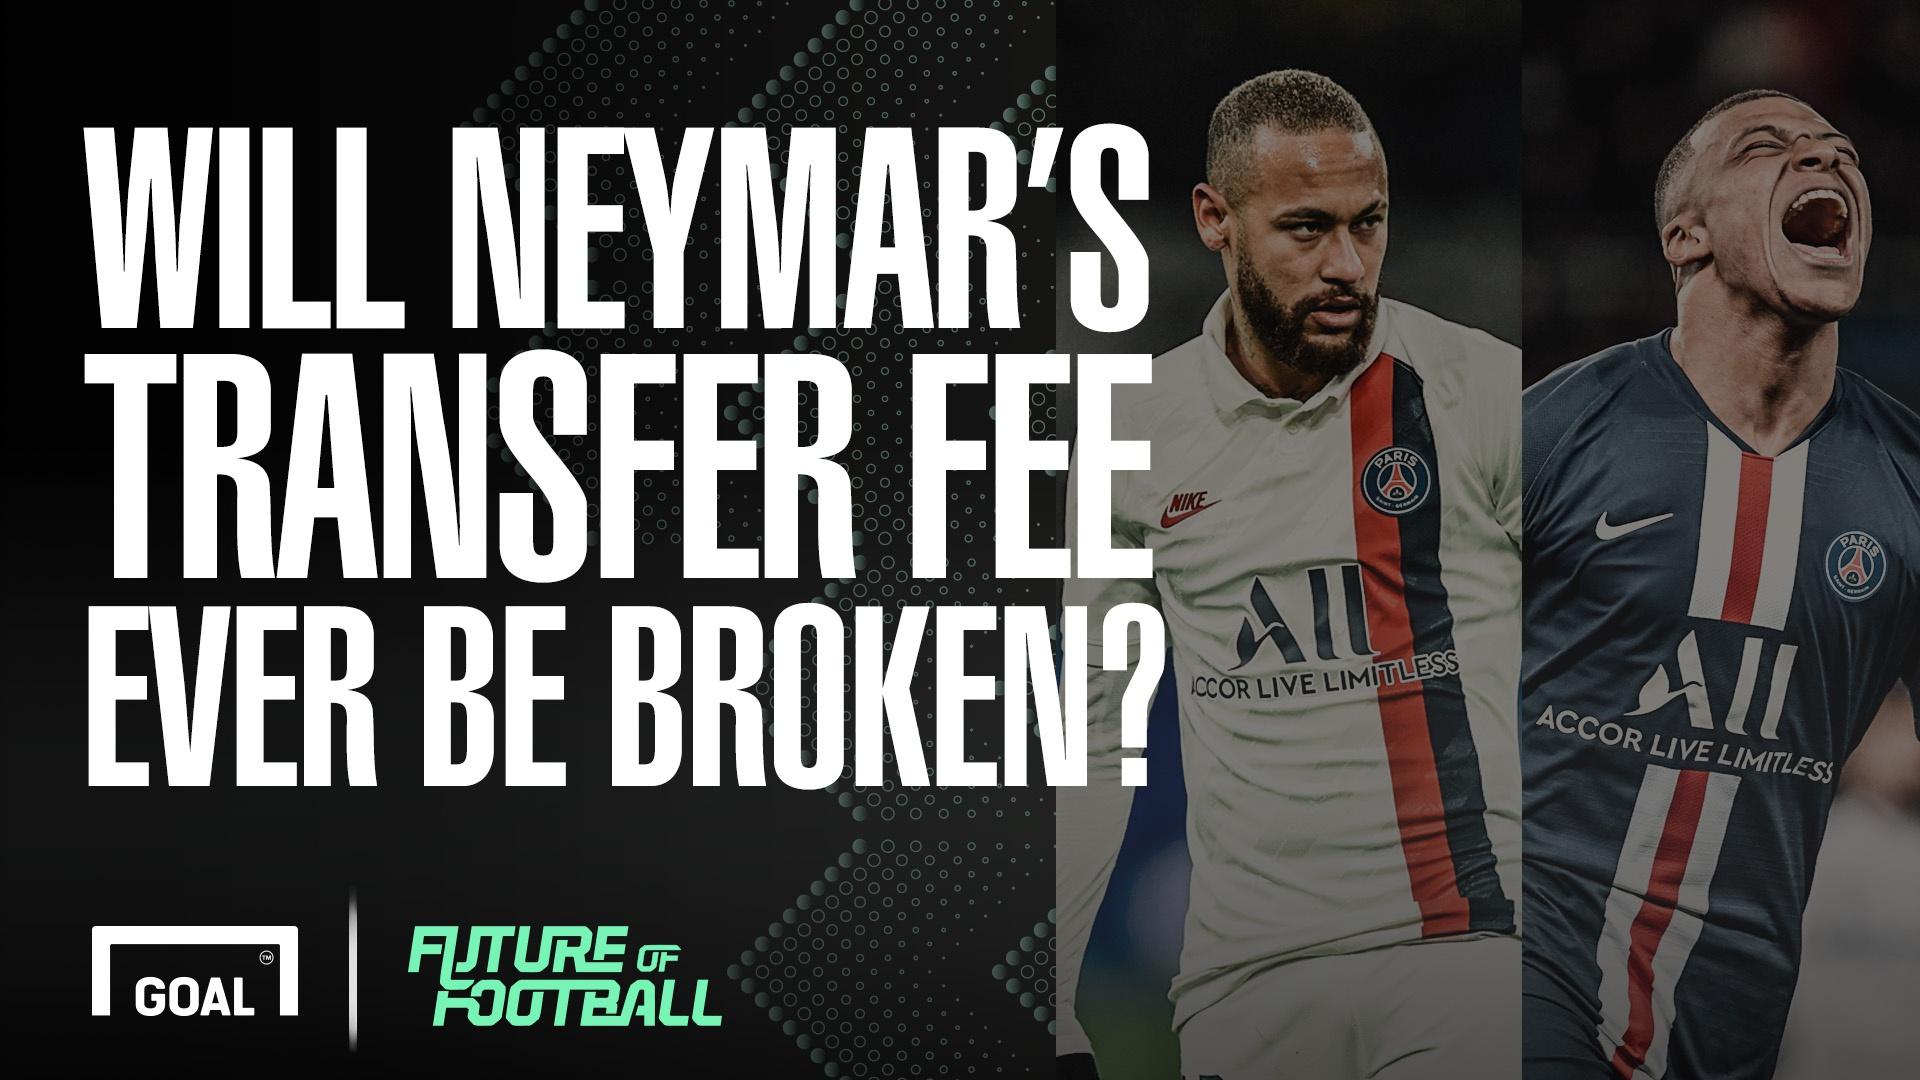 够力未来足球系列 疫情会给转会市场带来哪些影响?